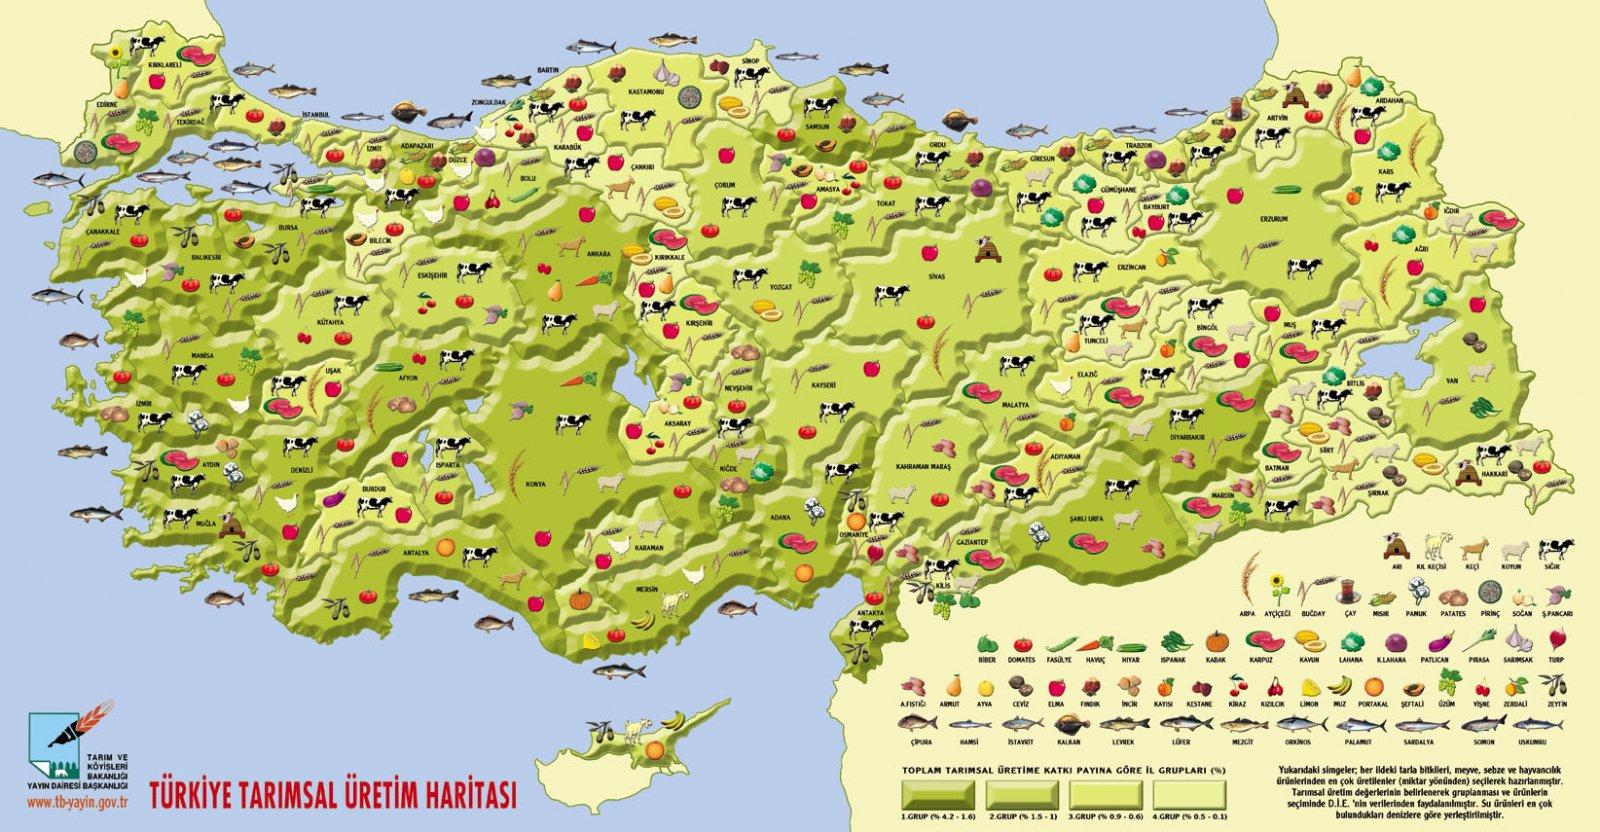 turkiyenin tarimsal uretim haritasi